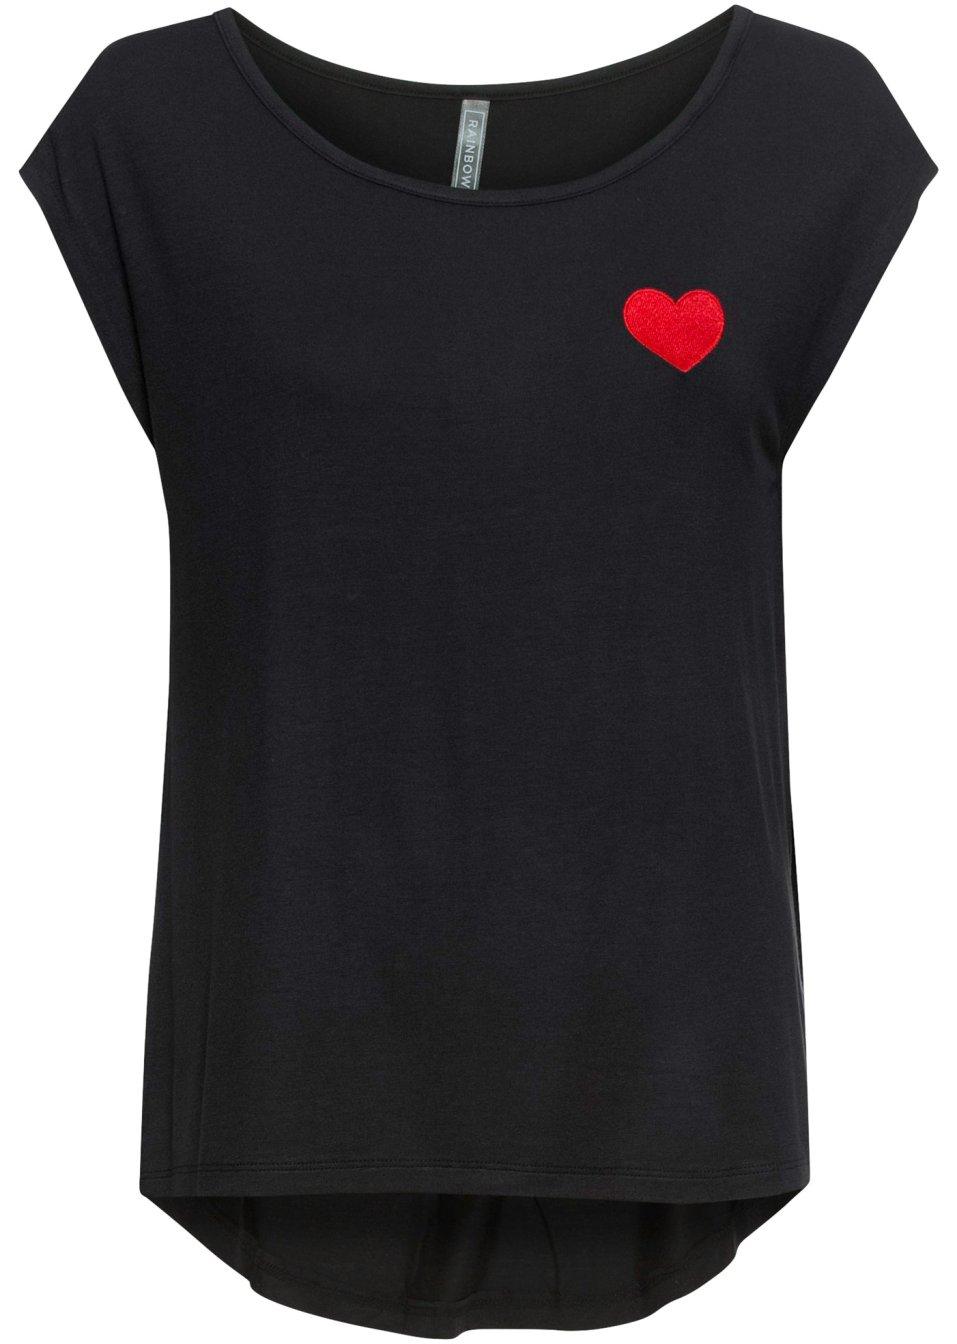 Shirt mit Stickerei schwarz - Damen - RAINBOW - bonprix.de d7BrC oIDGv